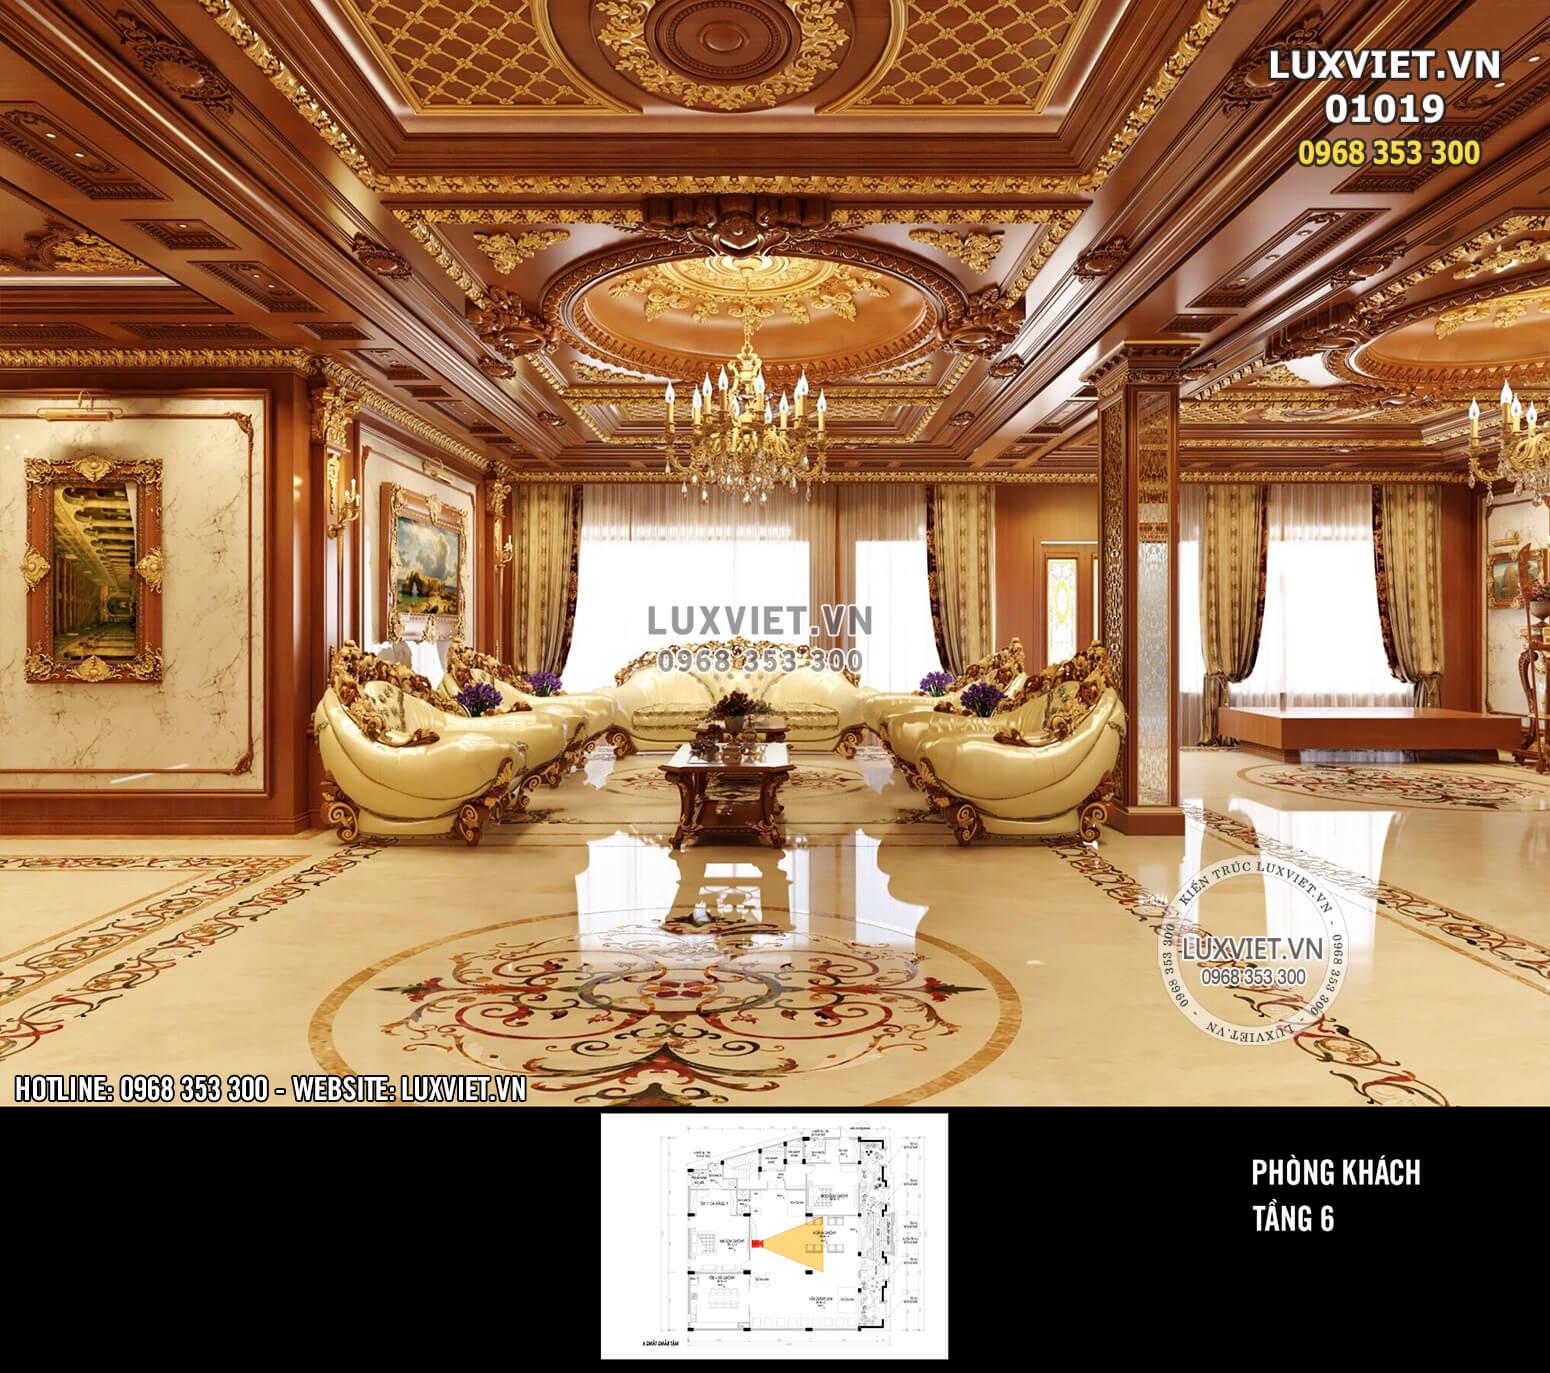 Hình ảnh: Nội thất tân cổ điển bằng gỗ đẹp nhất 2021 - LV 01019